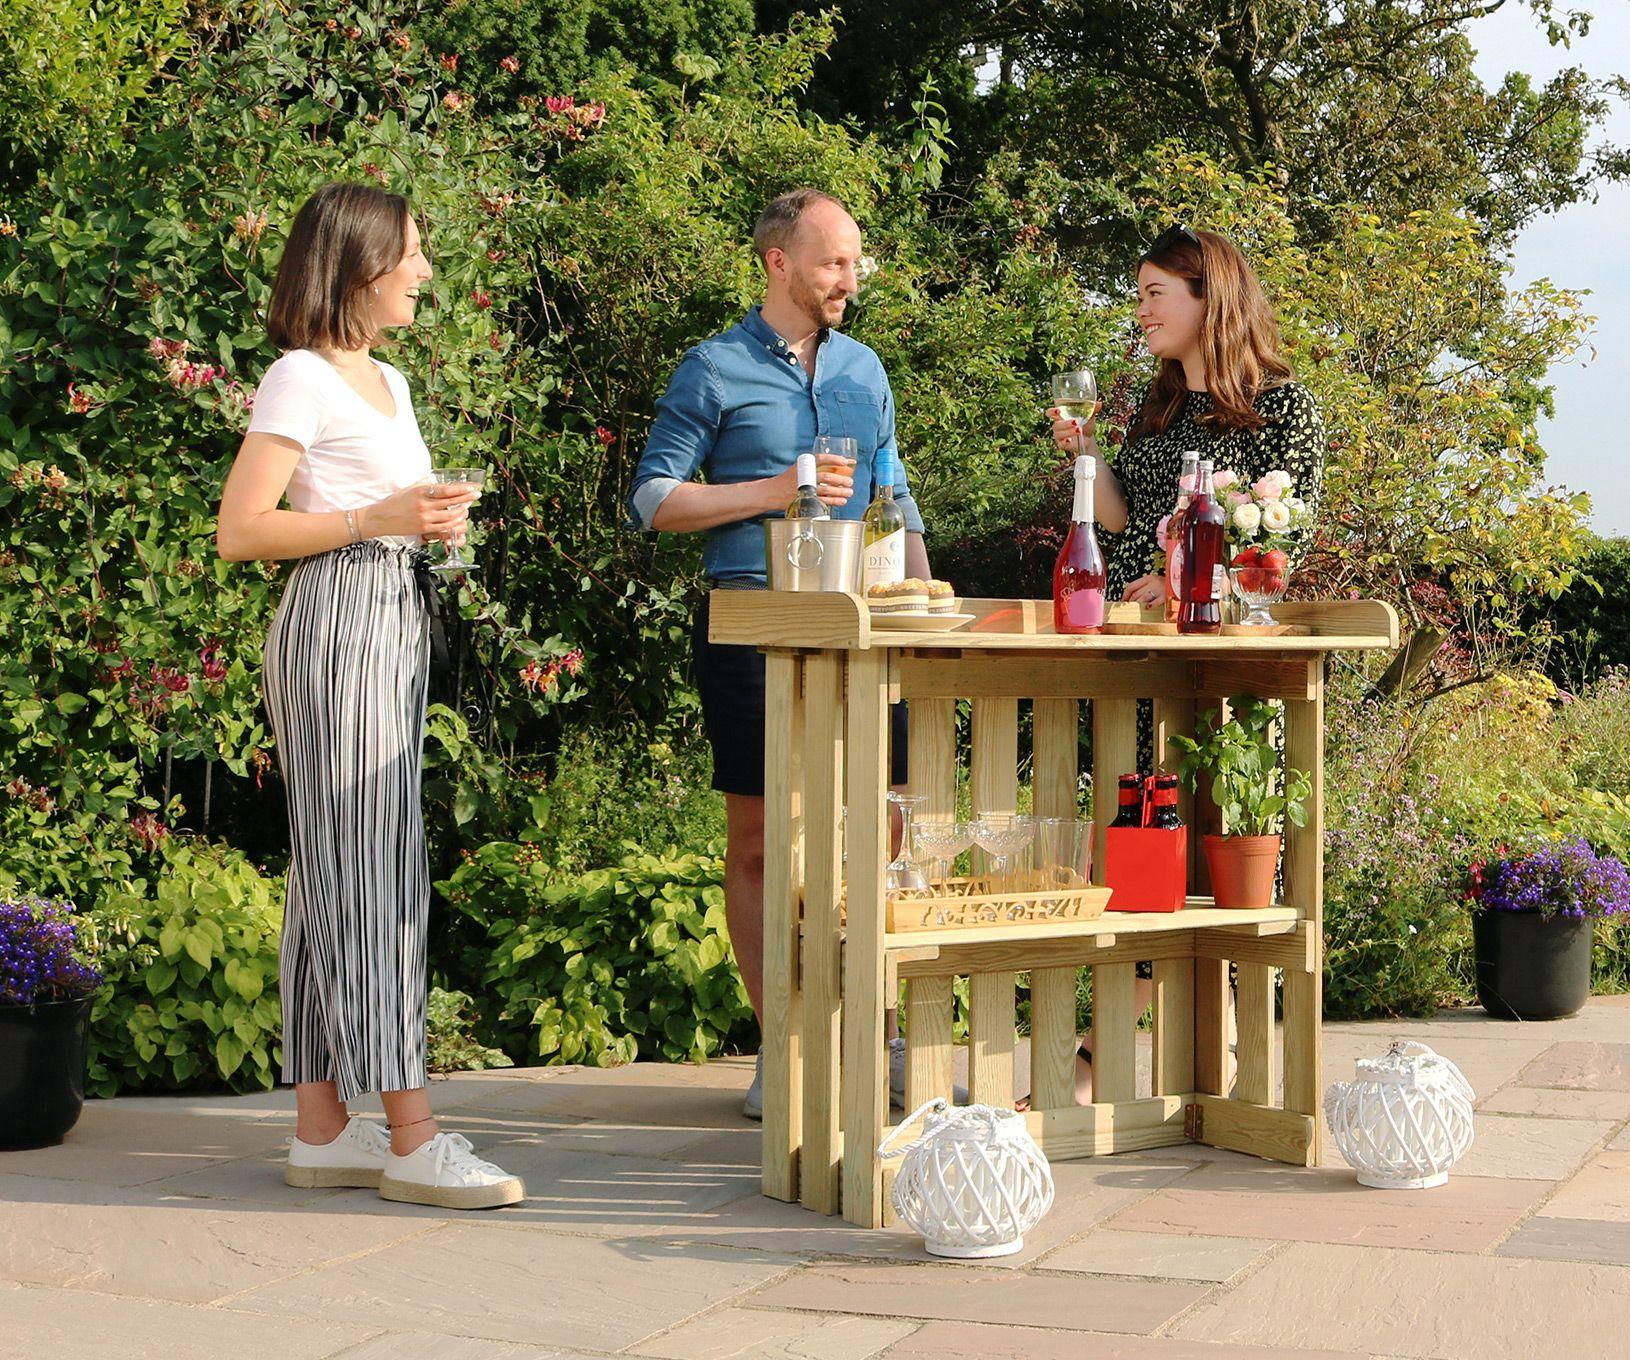 *NEW* Folding Garden Bar from Zest 4 Leisure